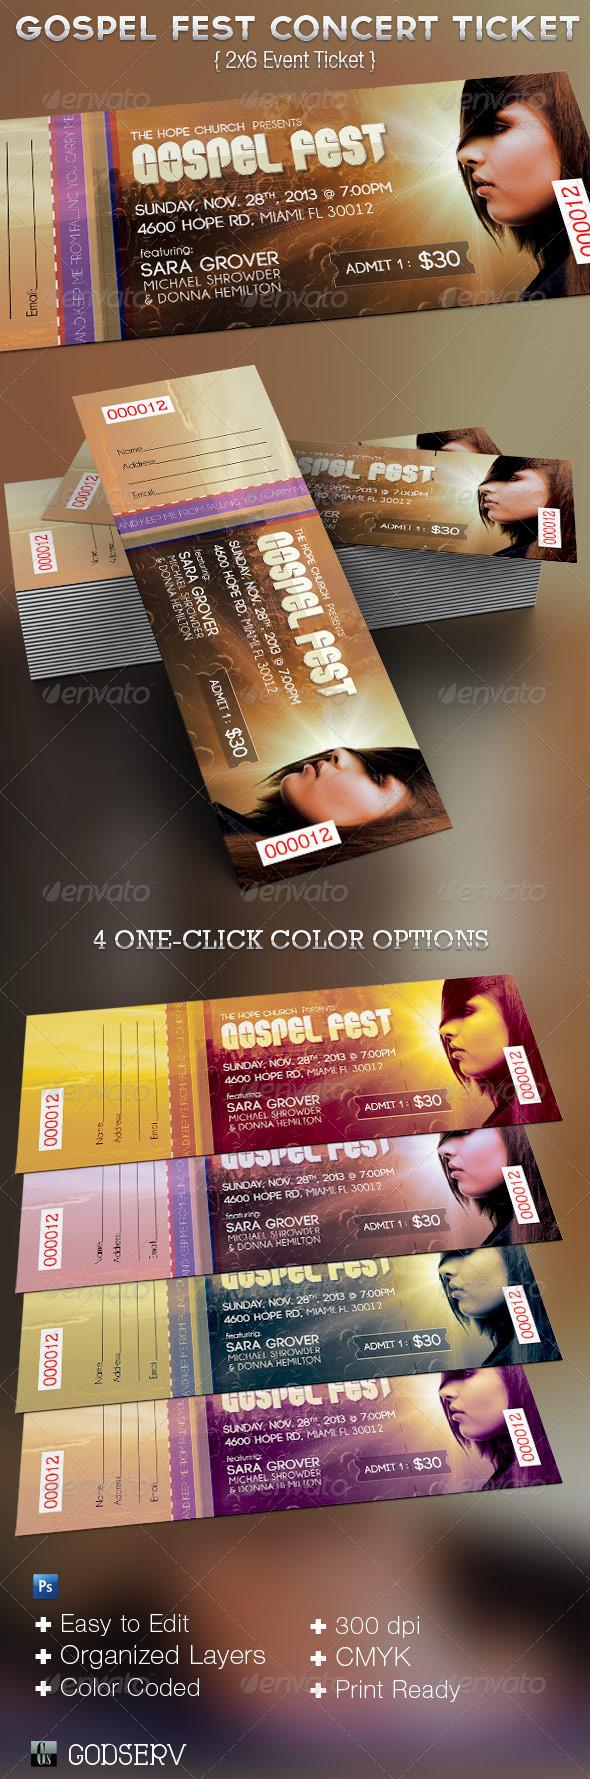 Concert Ticket Outline Gospel Fest Concert Ticket